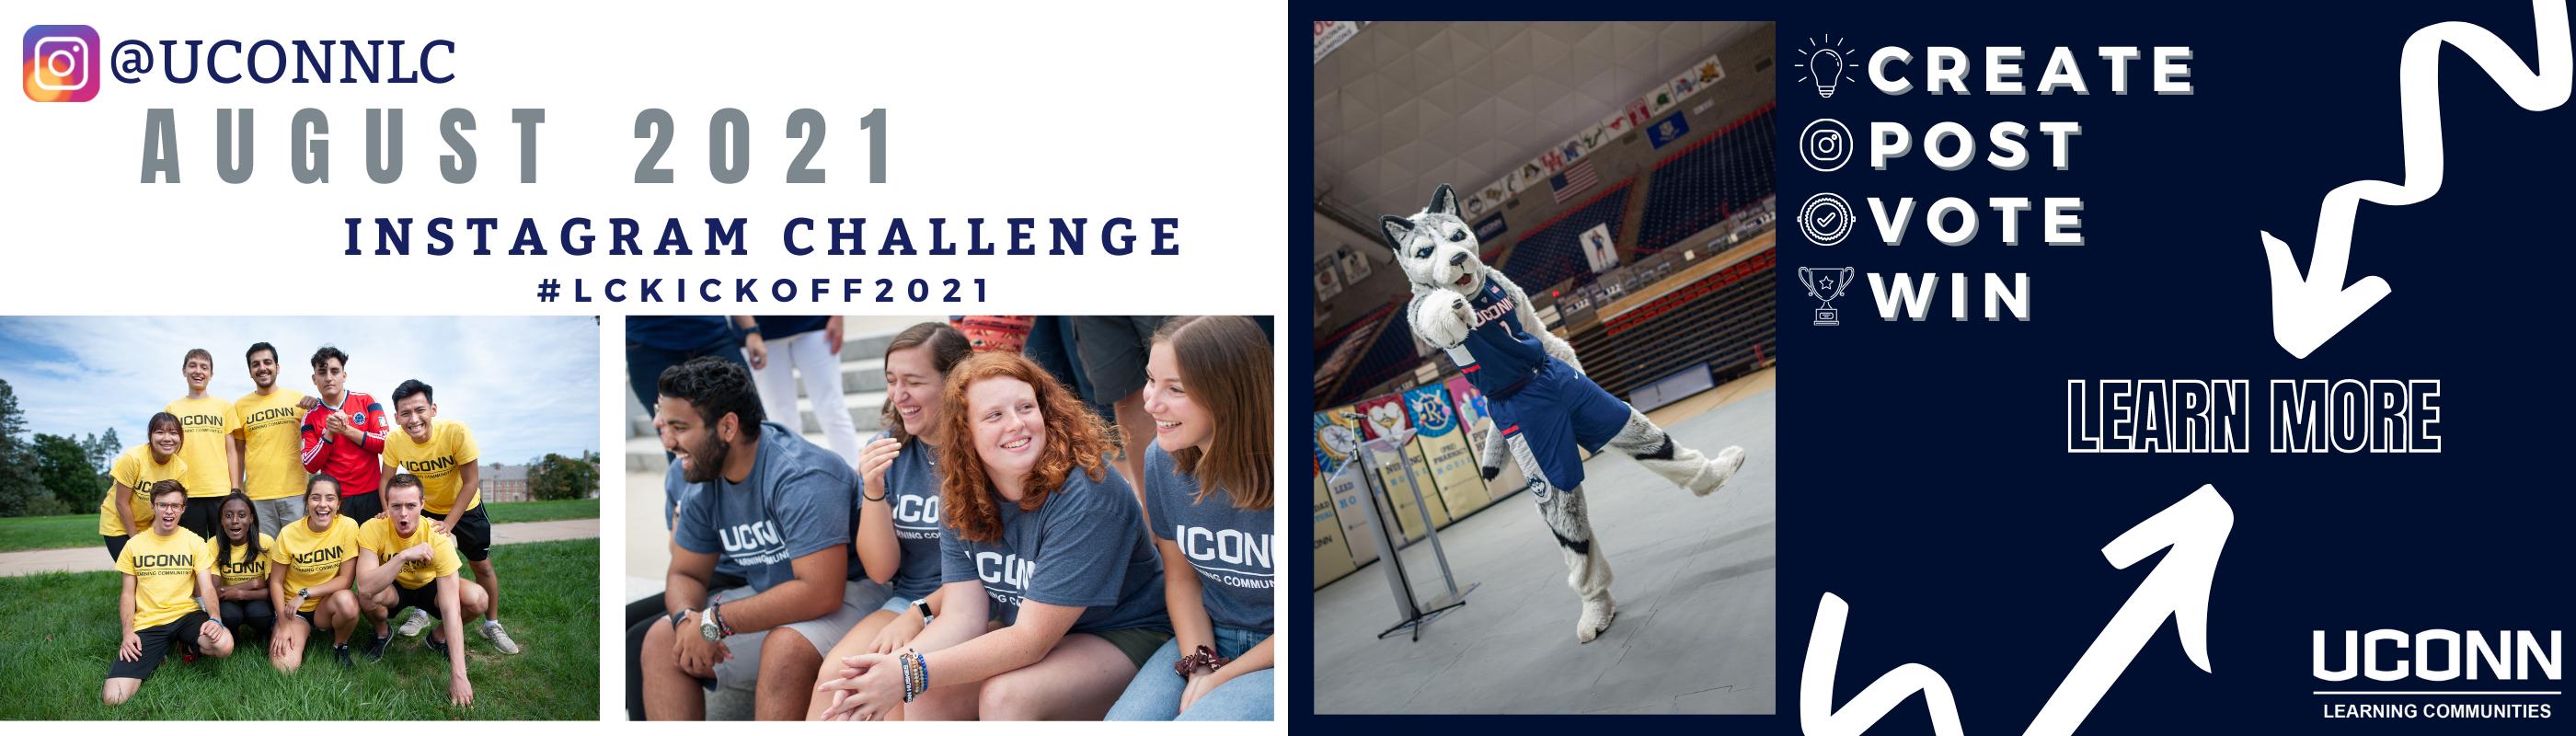 August 2021 LC Instagram Challenge Web Banner